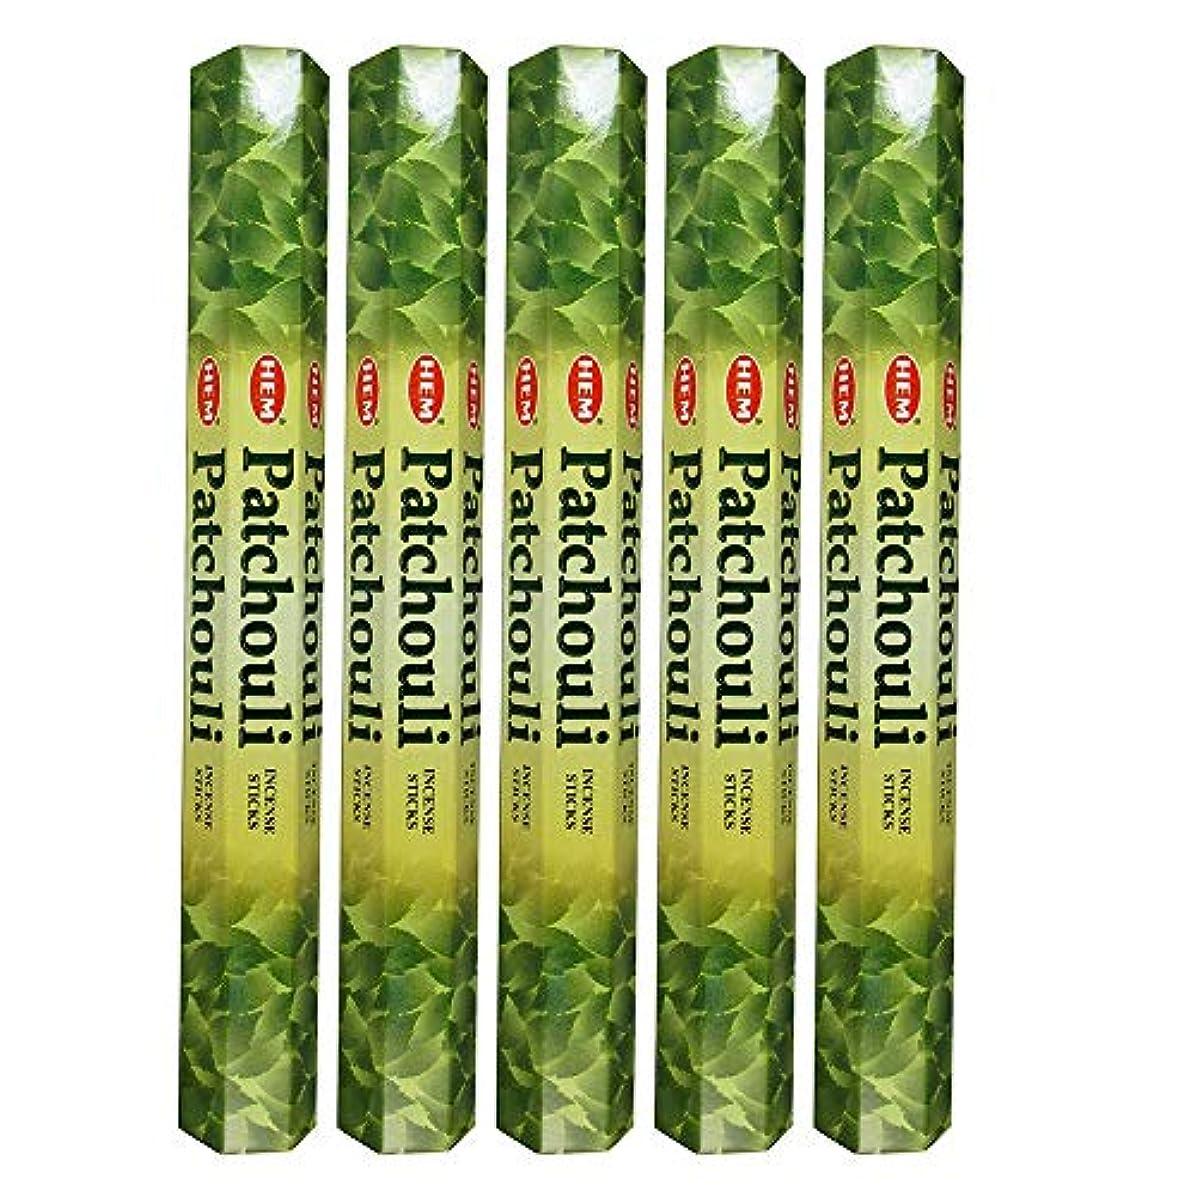 無心運動する回転させるHemパチョリ100 Incense Sticks (5 x 20スティックパック)